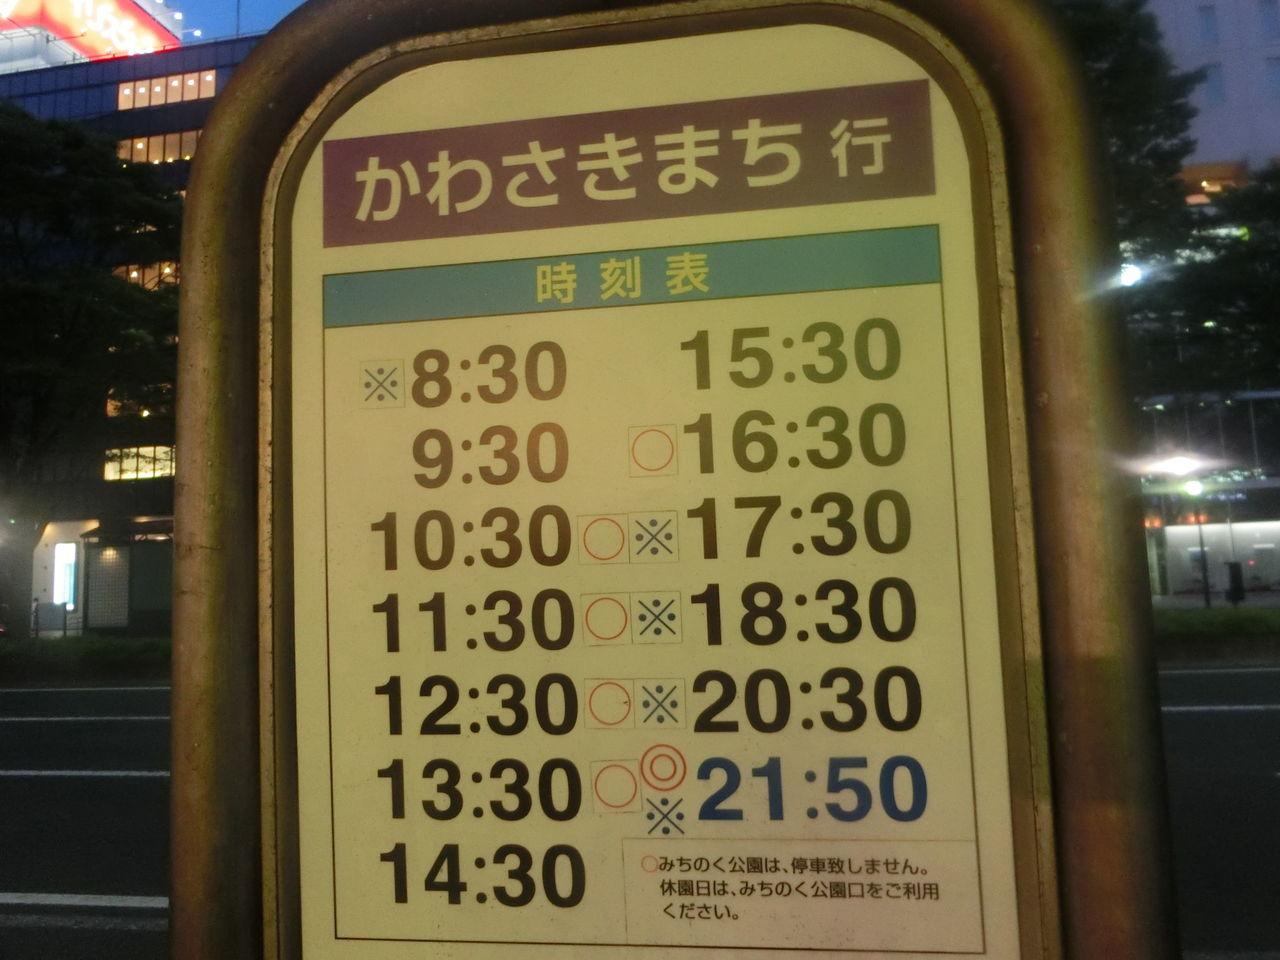 時刻 表 観光 バス あやし